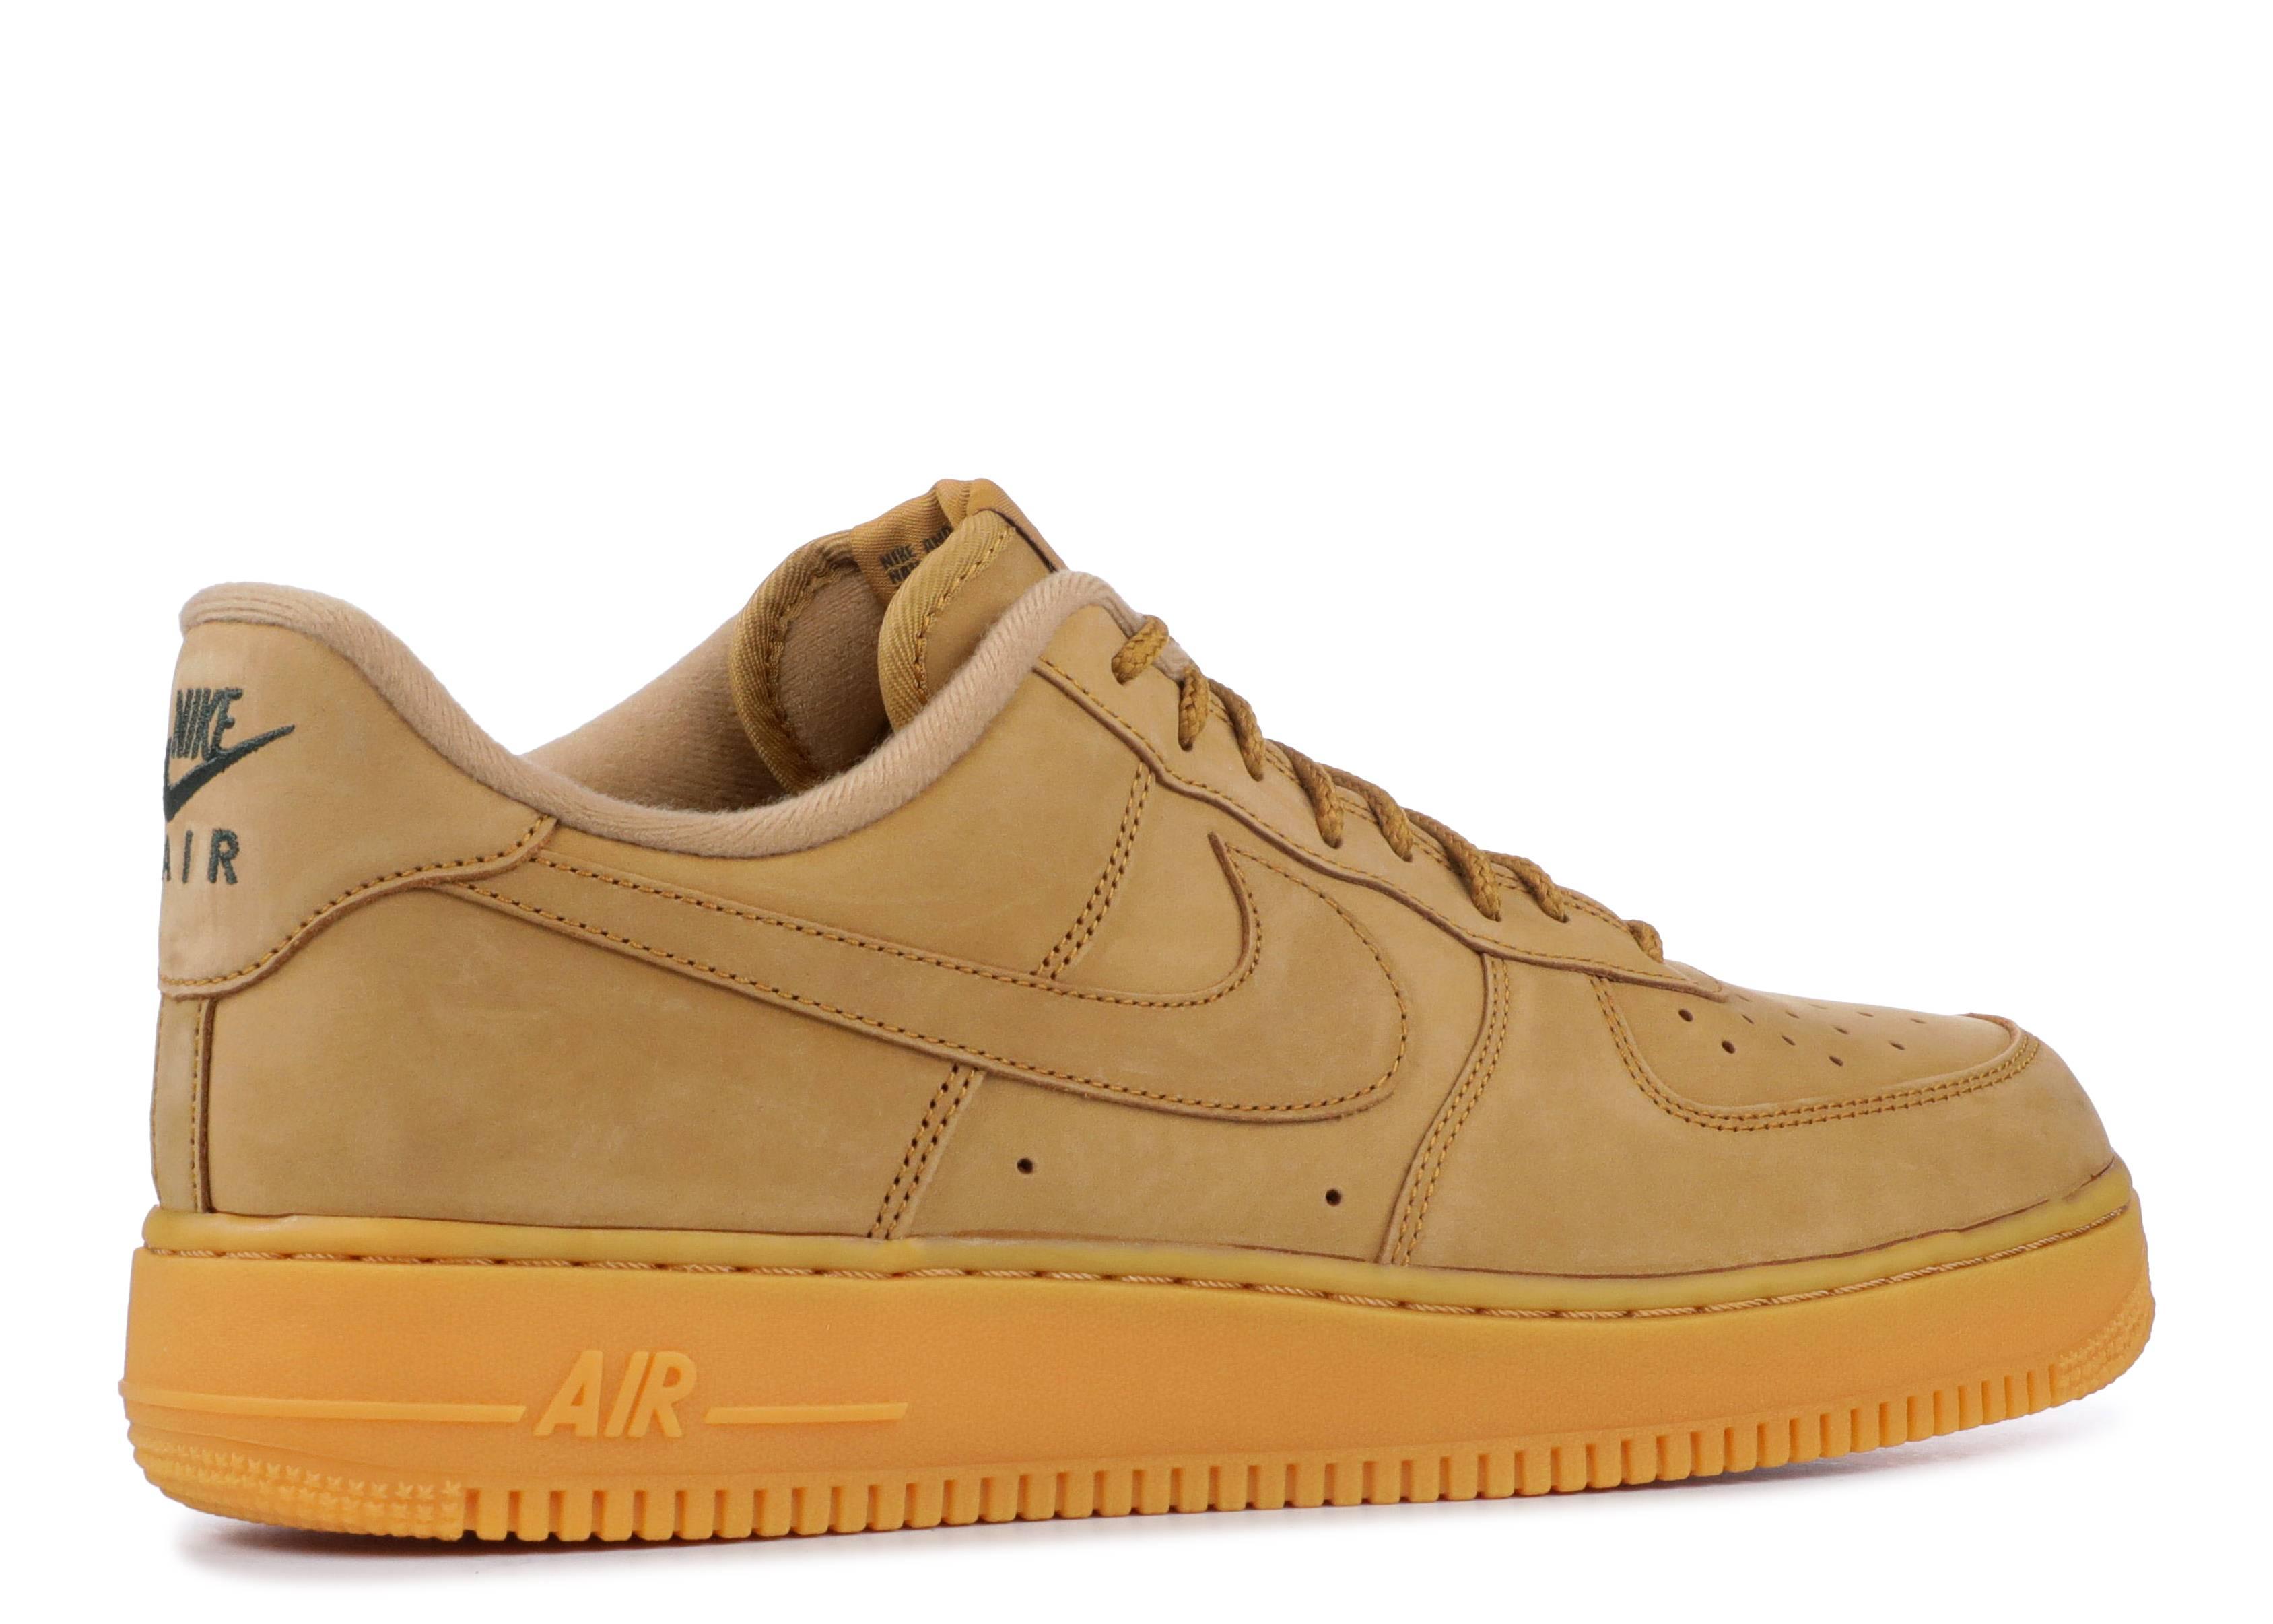 40 Herren Nike Air Force 1 '07 WB Flax AA4061 200